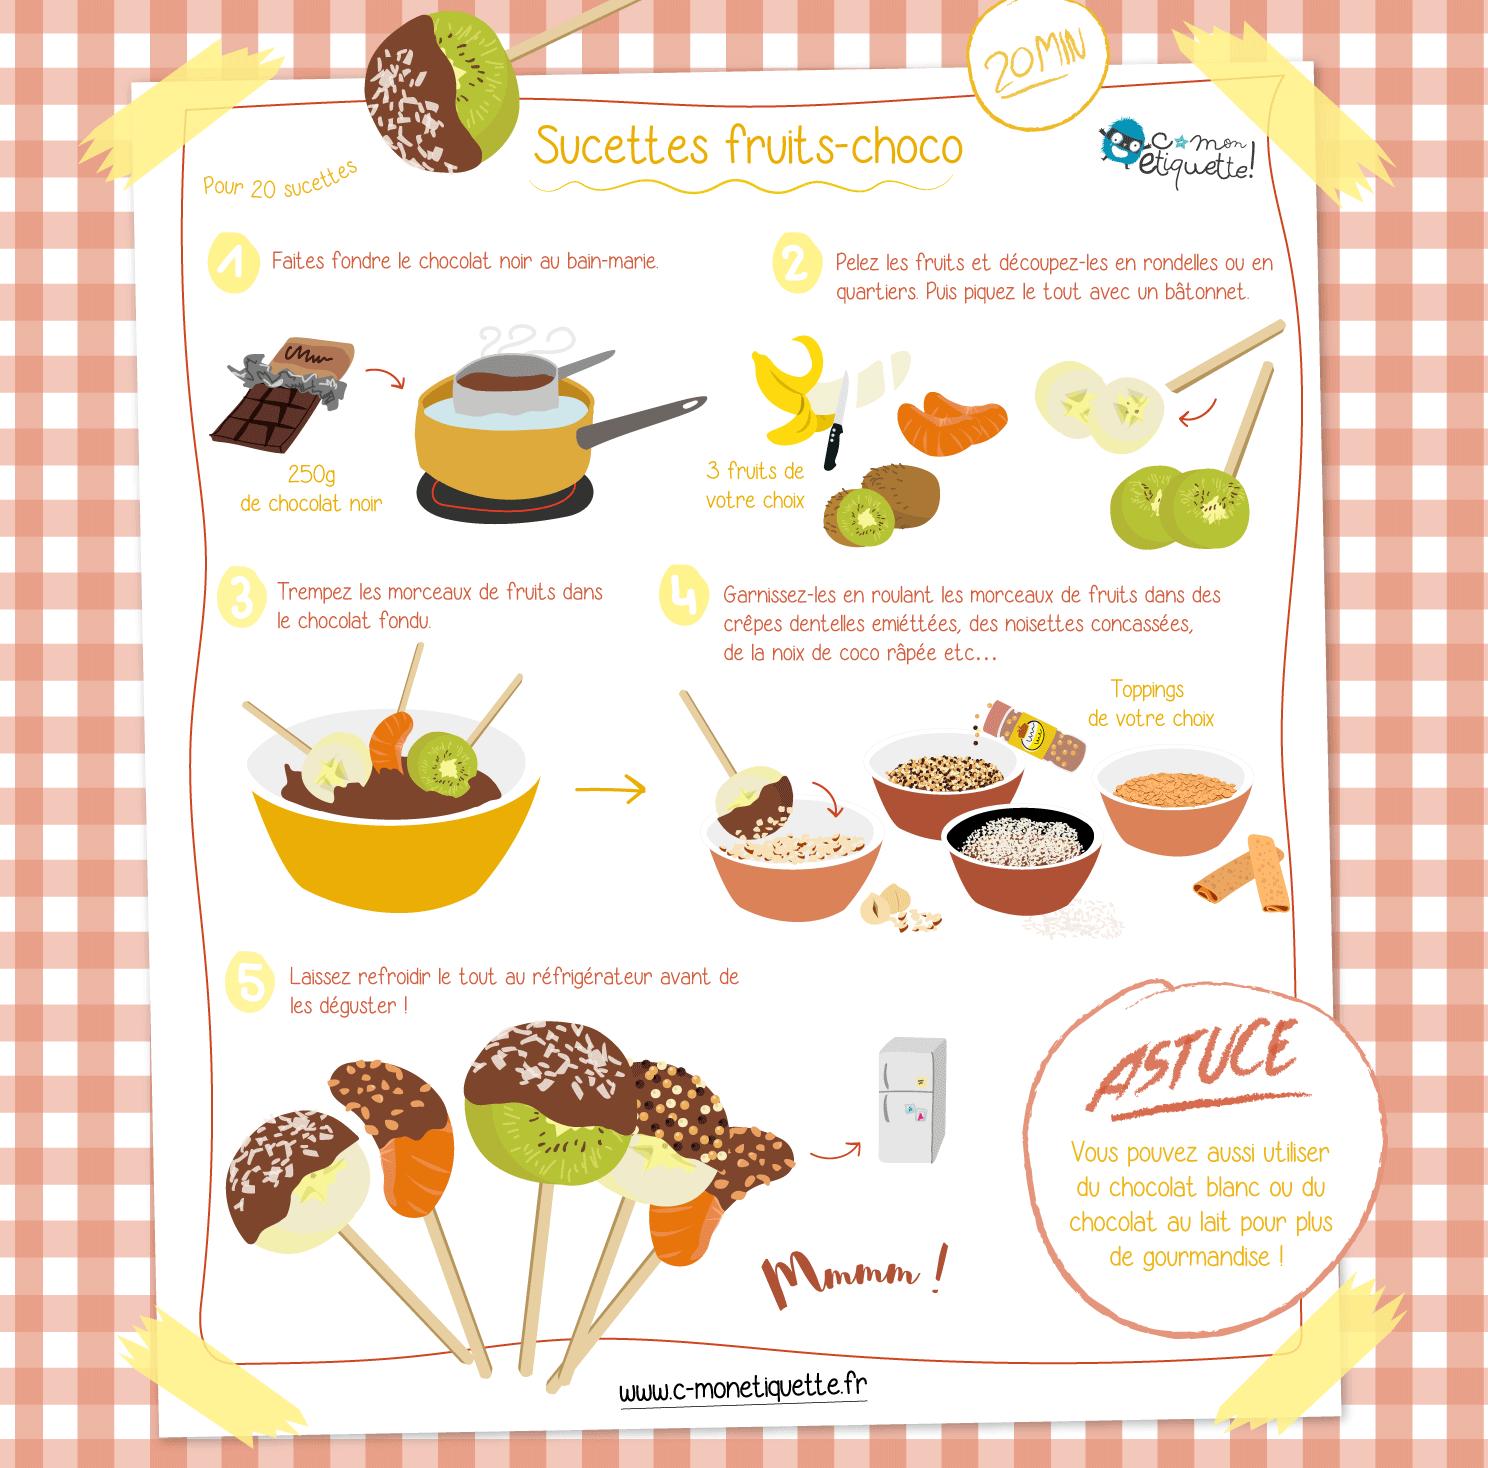 Sucettes Fruits Chocolat I Recette C Monetiquette Idee Recette Enfant Cuisiner Avec Des Enfants Recette Maternelle